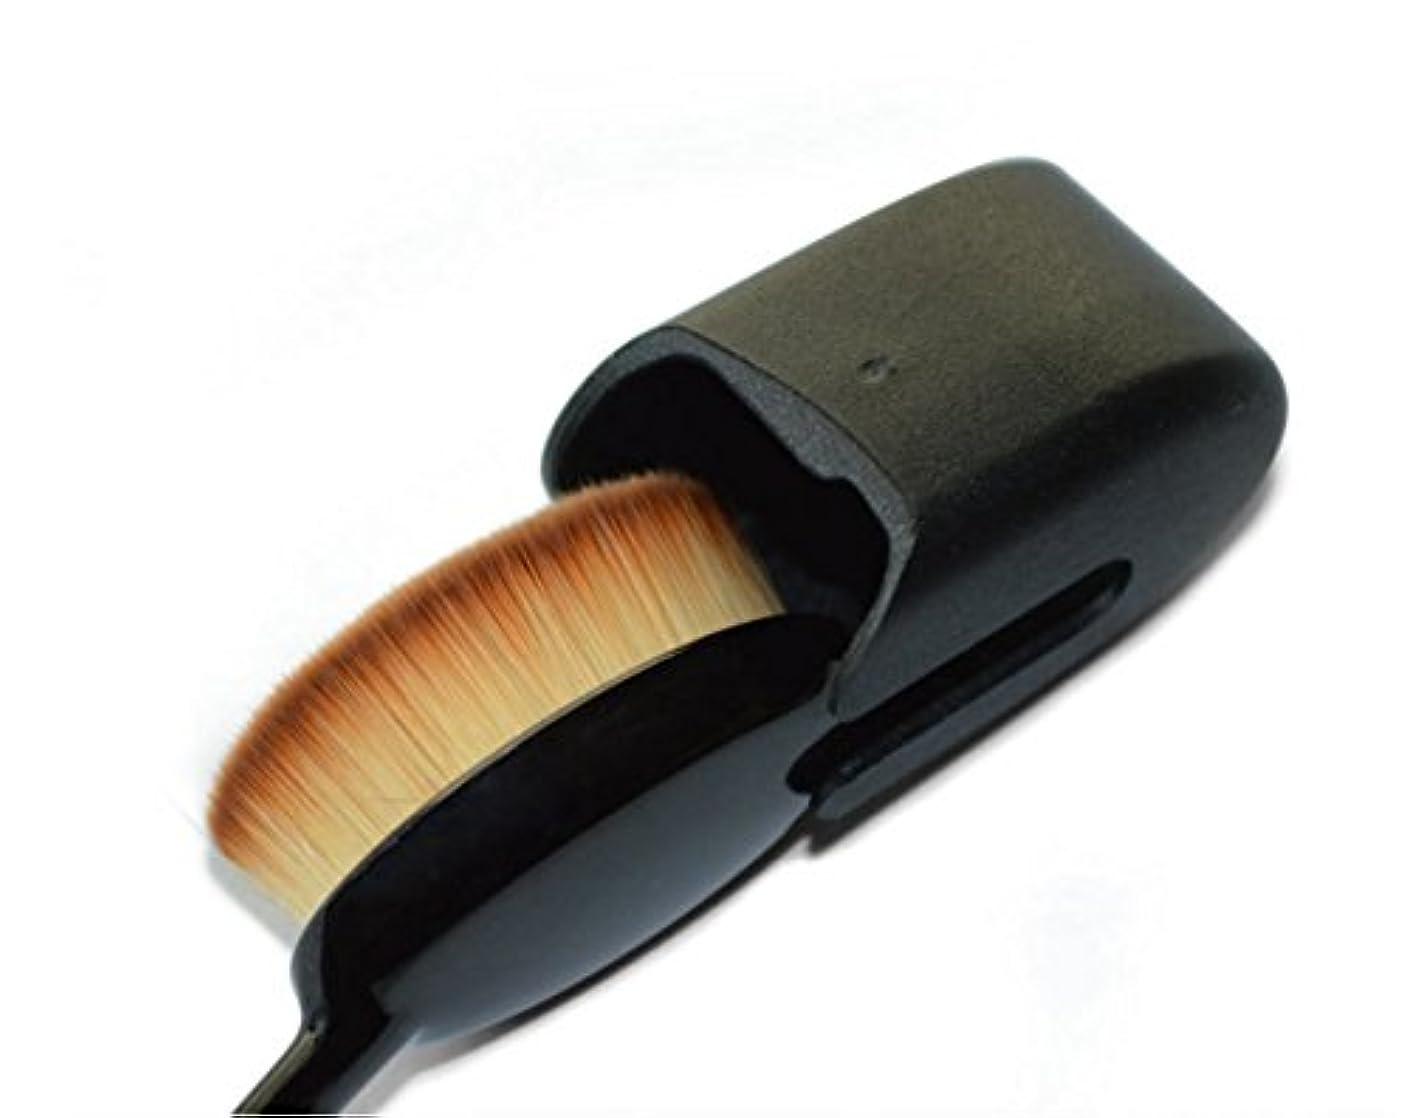 ヒステリック侵入するボーナス【毛穴が消える!】歯ブラシ型 ファンデーションブラシ 専用キャップ